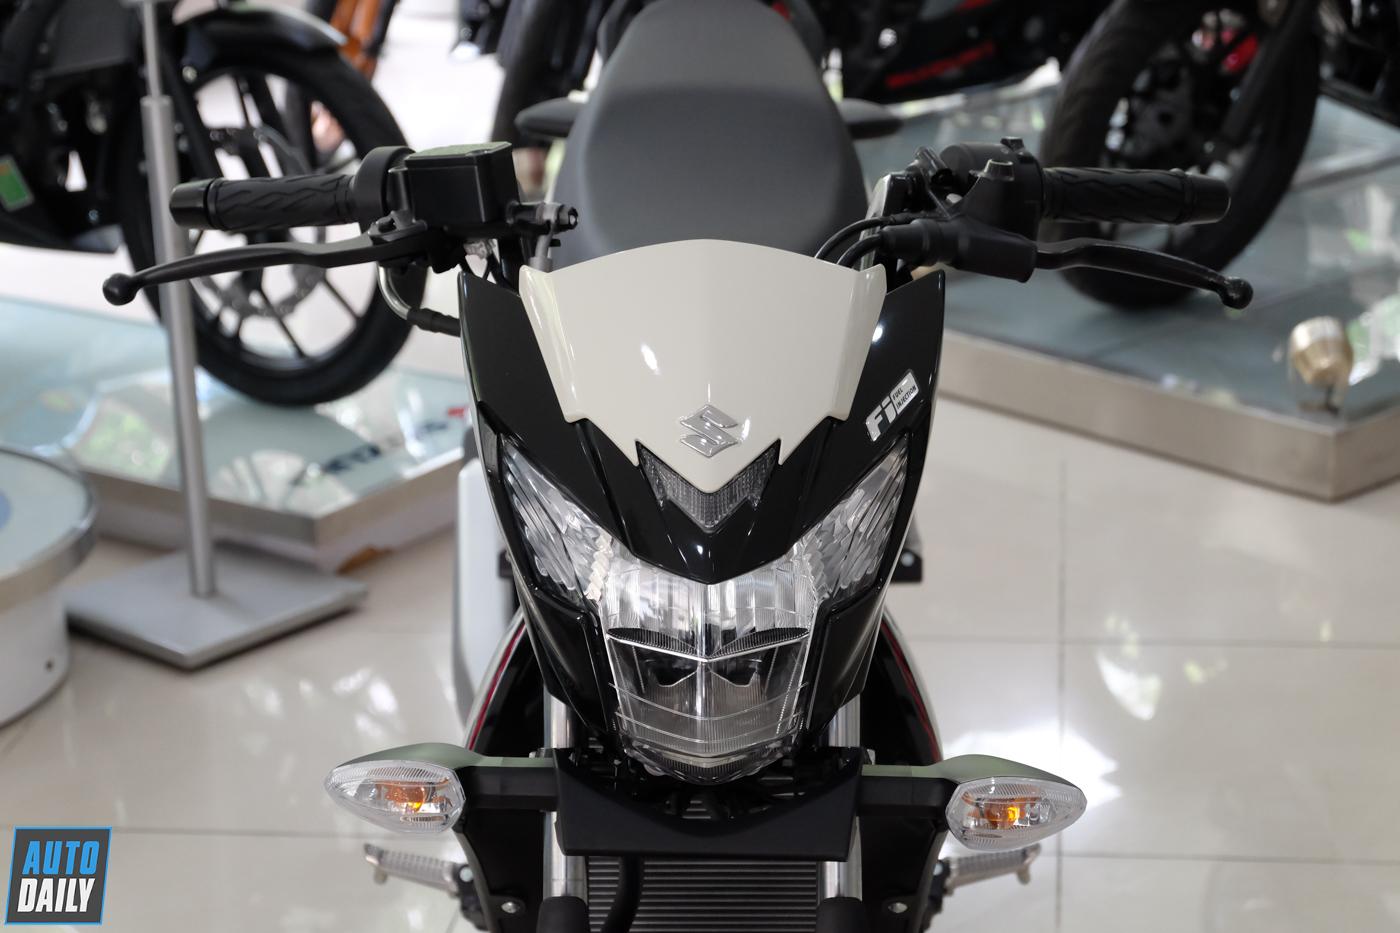 Cận cảnh Suzuki Satria F150 2021 giá gần 52 triệu đồng Suzuki-Satria-F150-2021 (6).JPG